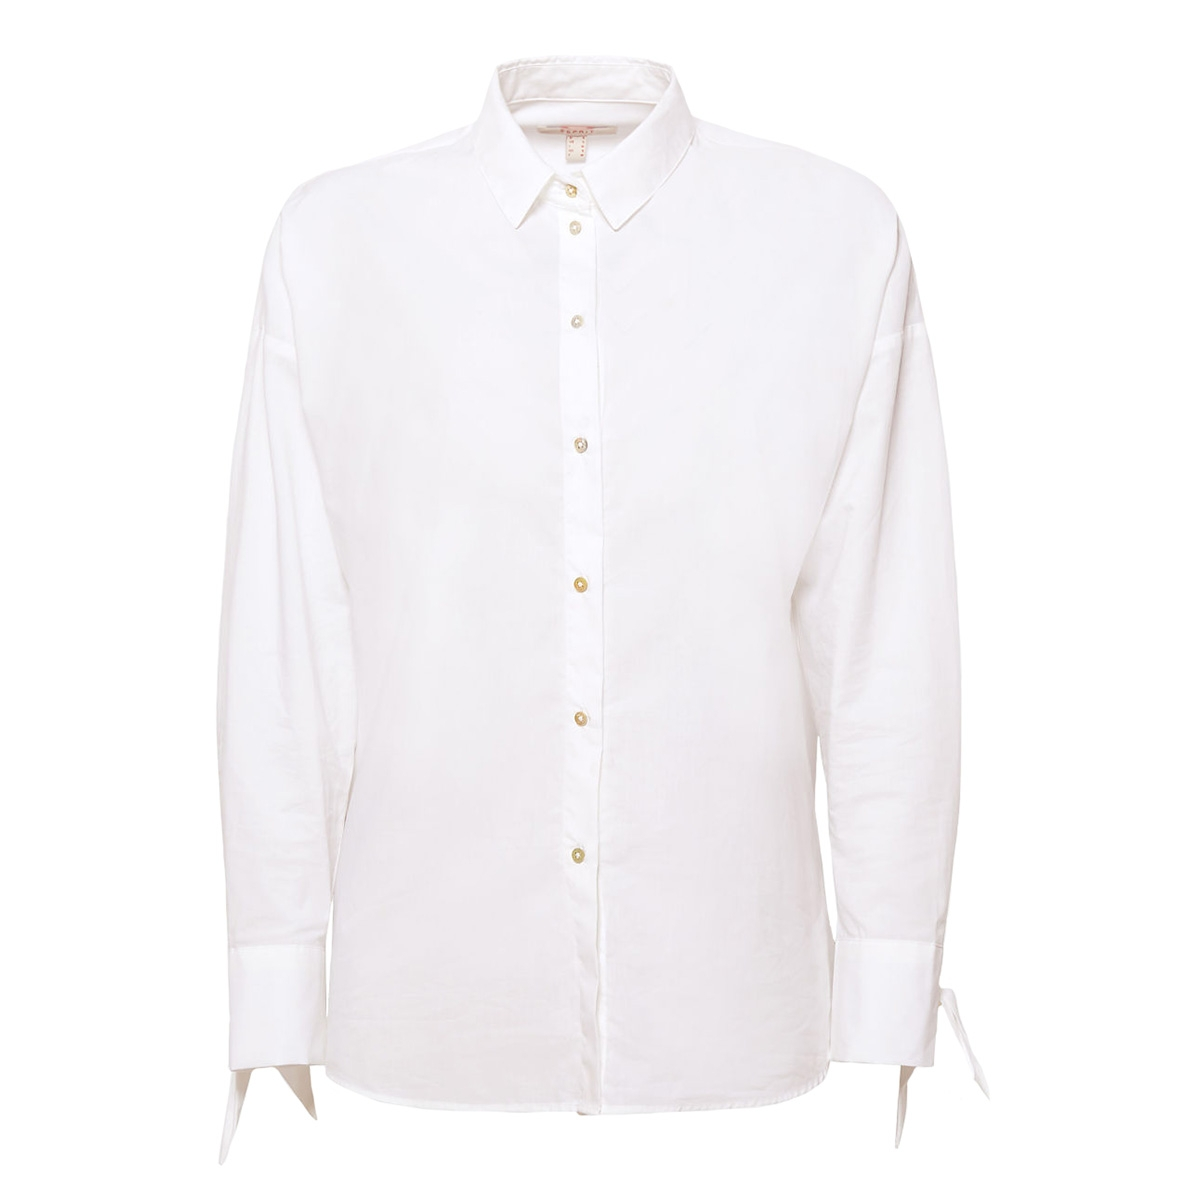 098ee1f003 esprit blouse e100